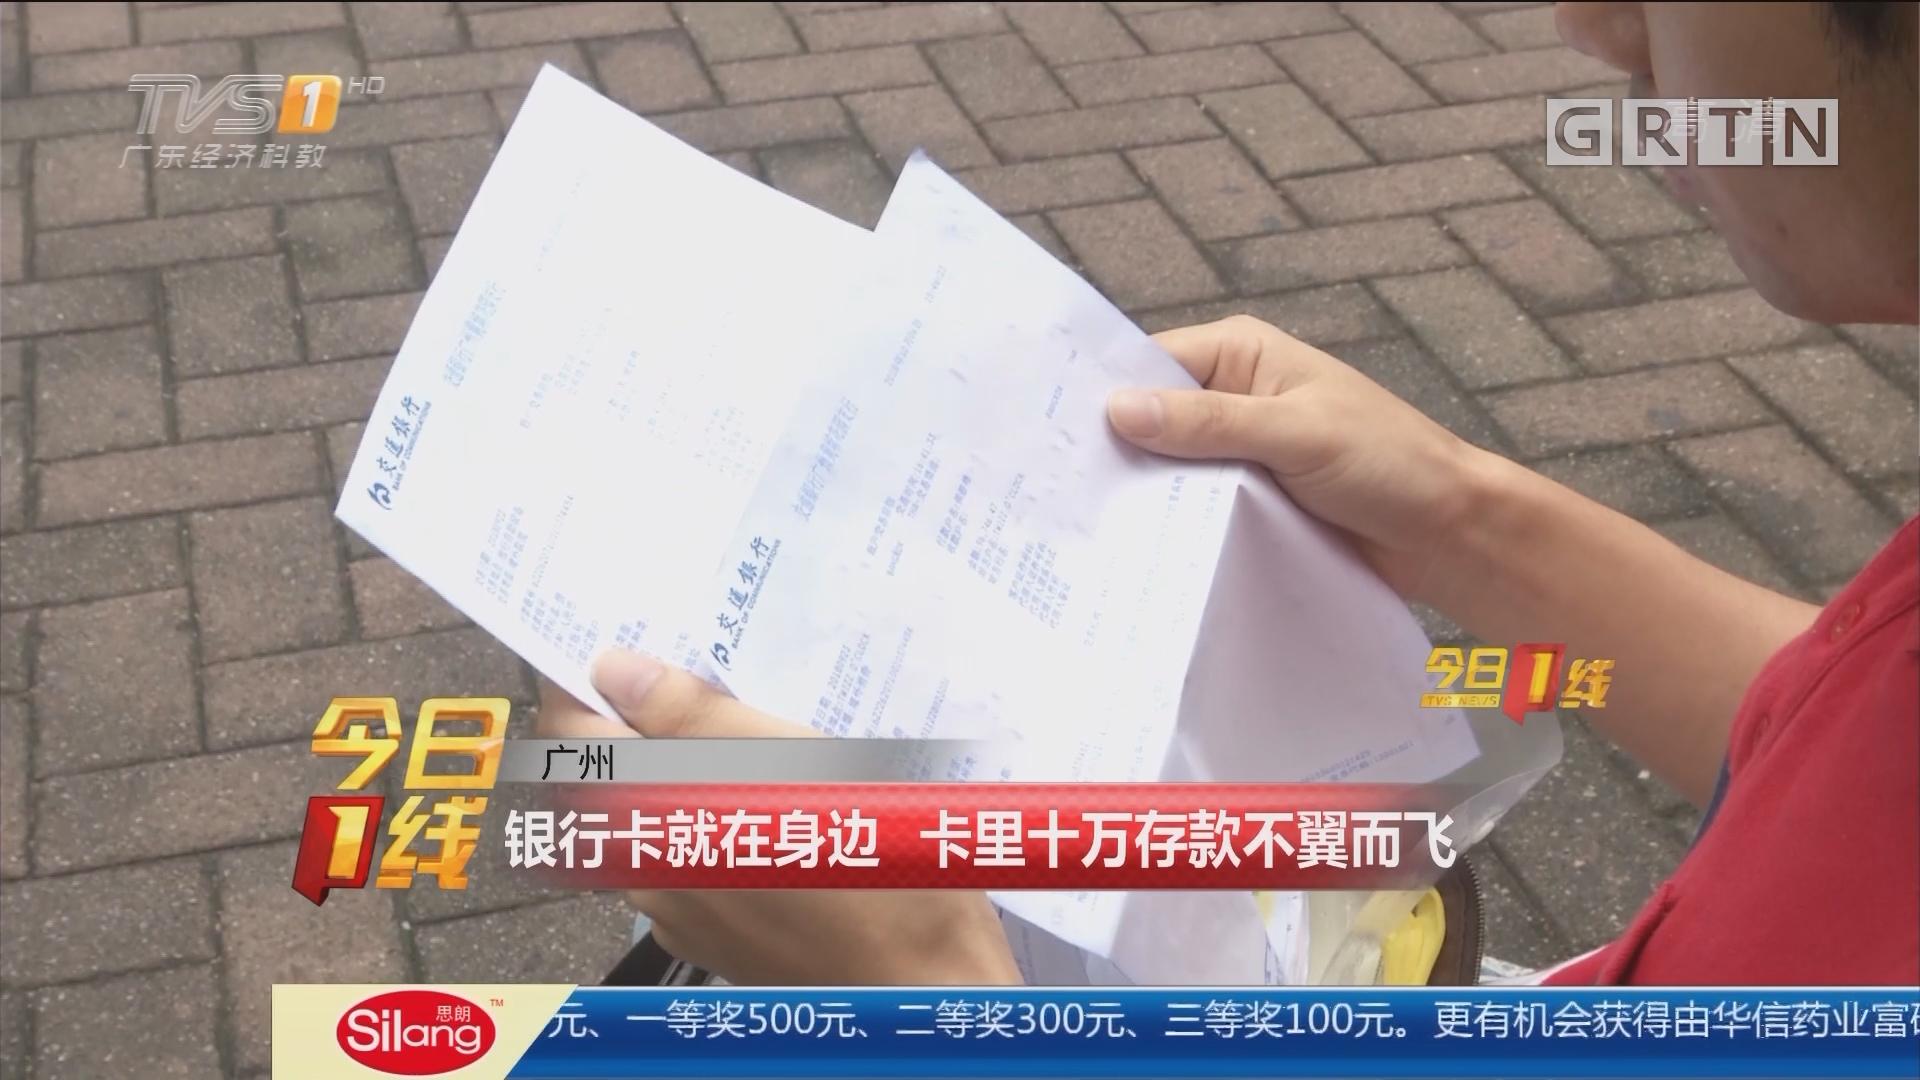 广州:银行卡就在身边 卡里十万存款不翼而飞